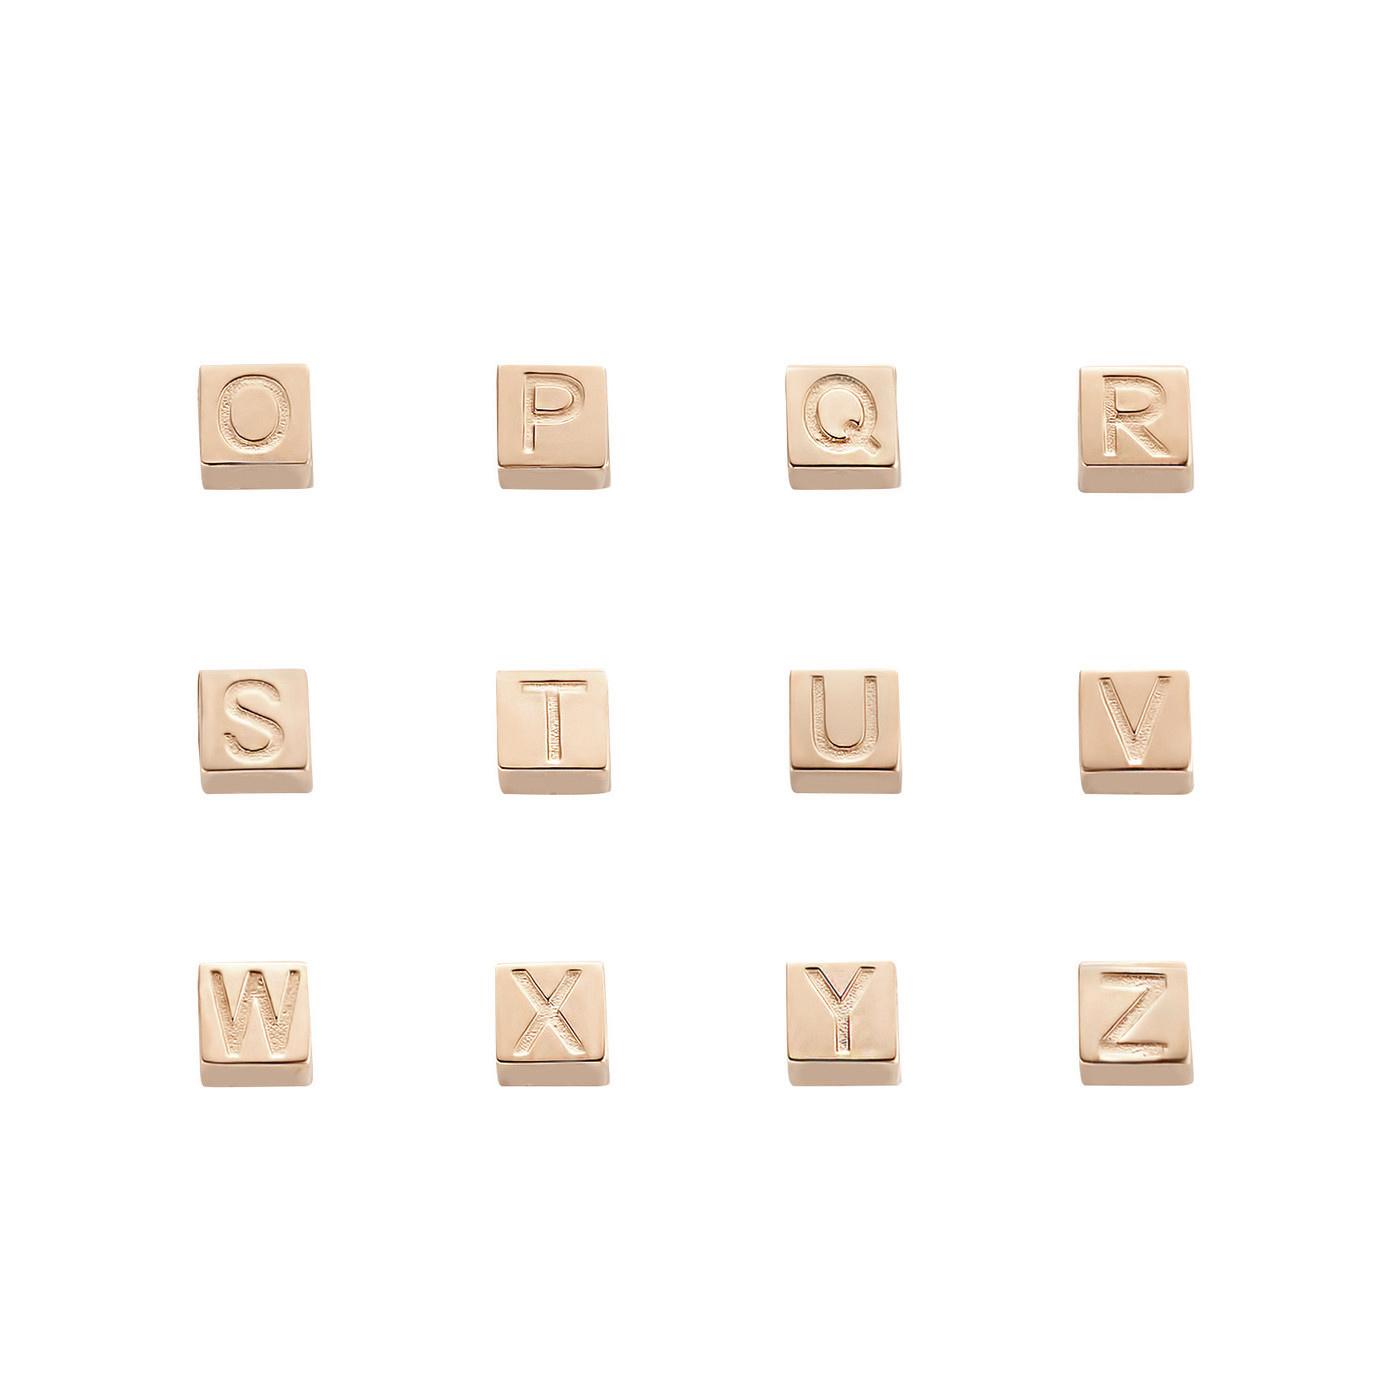 Isabel Bernard La Concorde Felie 14 karat rose gold cube initial with letter